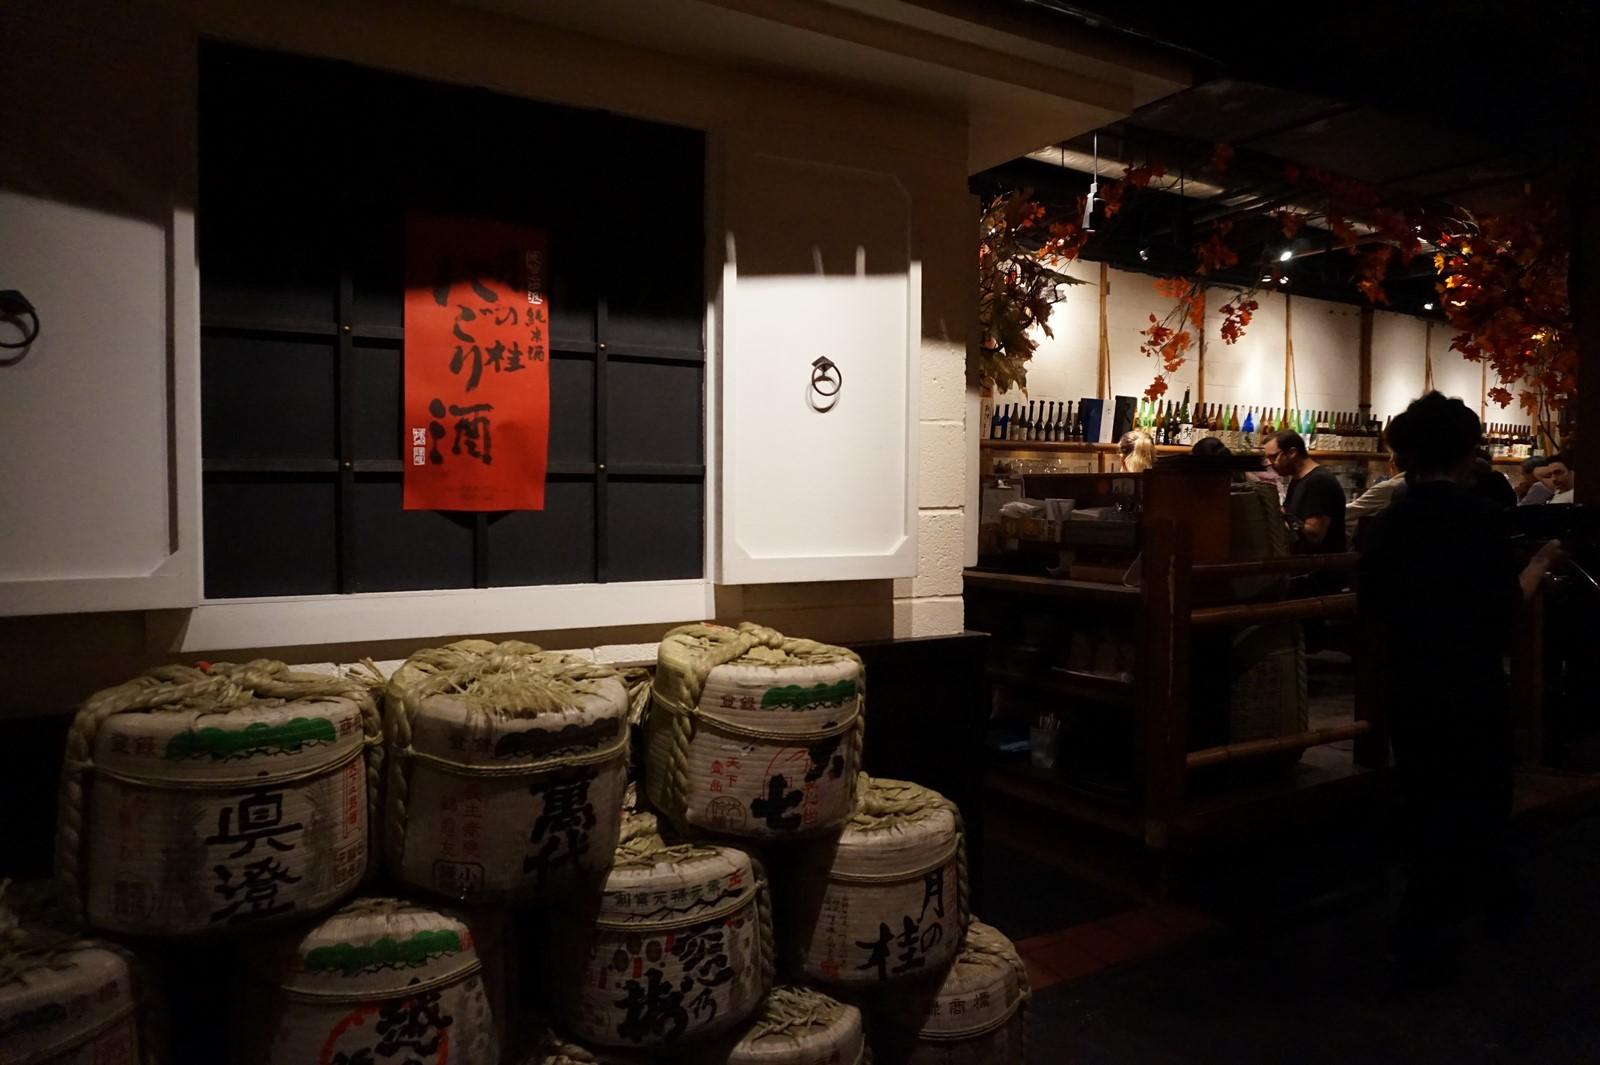 Restaurant Japonais Ouvert  Aout Pontet